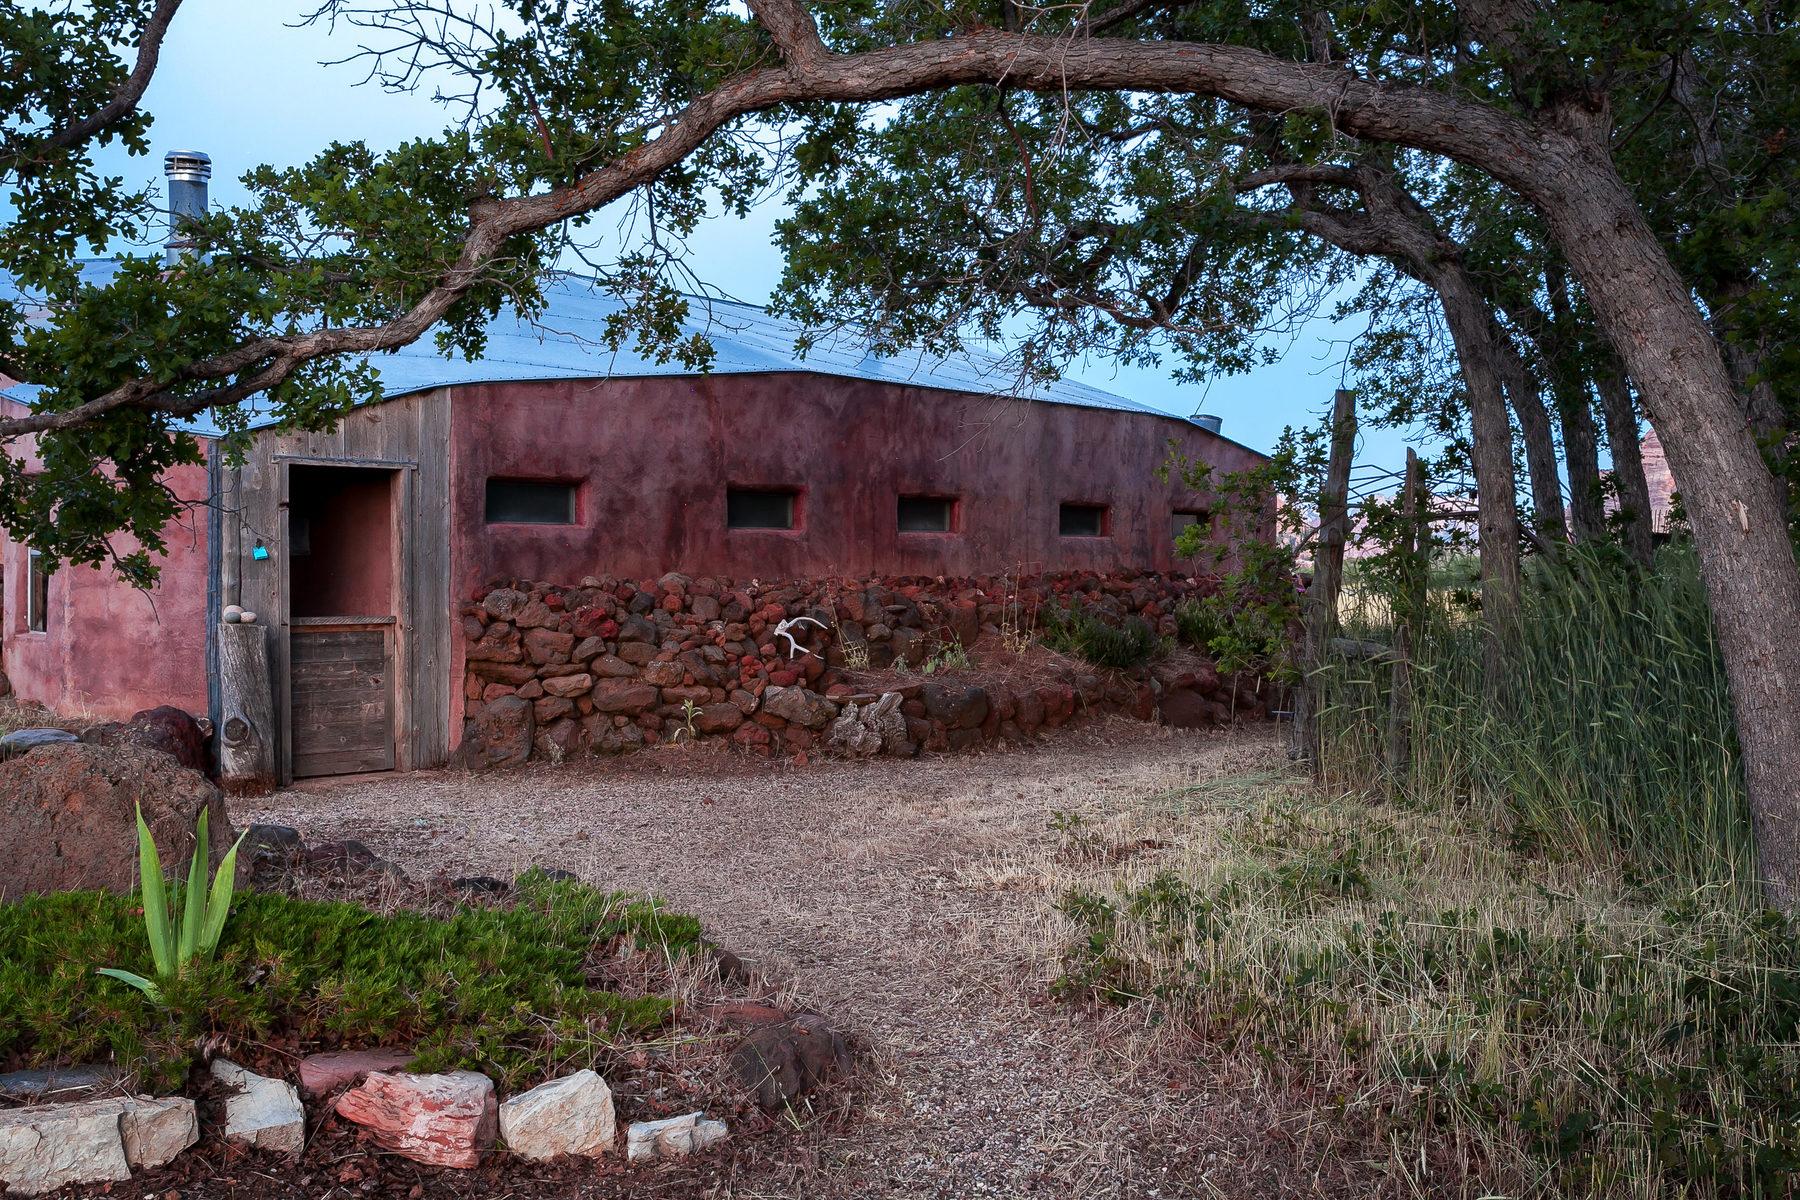 Частный односемейный дом для того Продажа на Timeless Zion Retreat Kolob Rd Virgin, Юта 84779 Соединенные Штаты